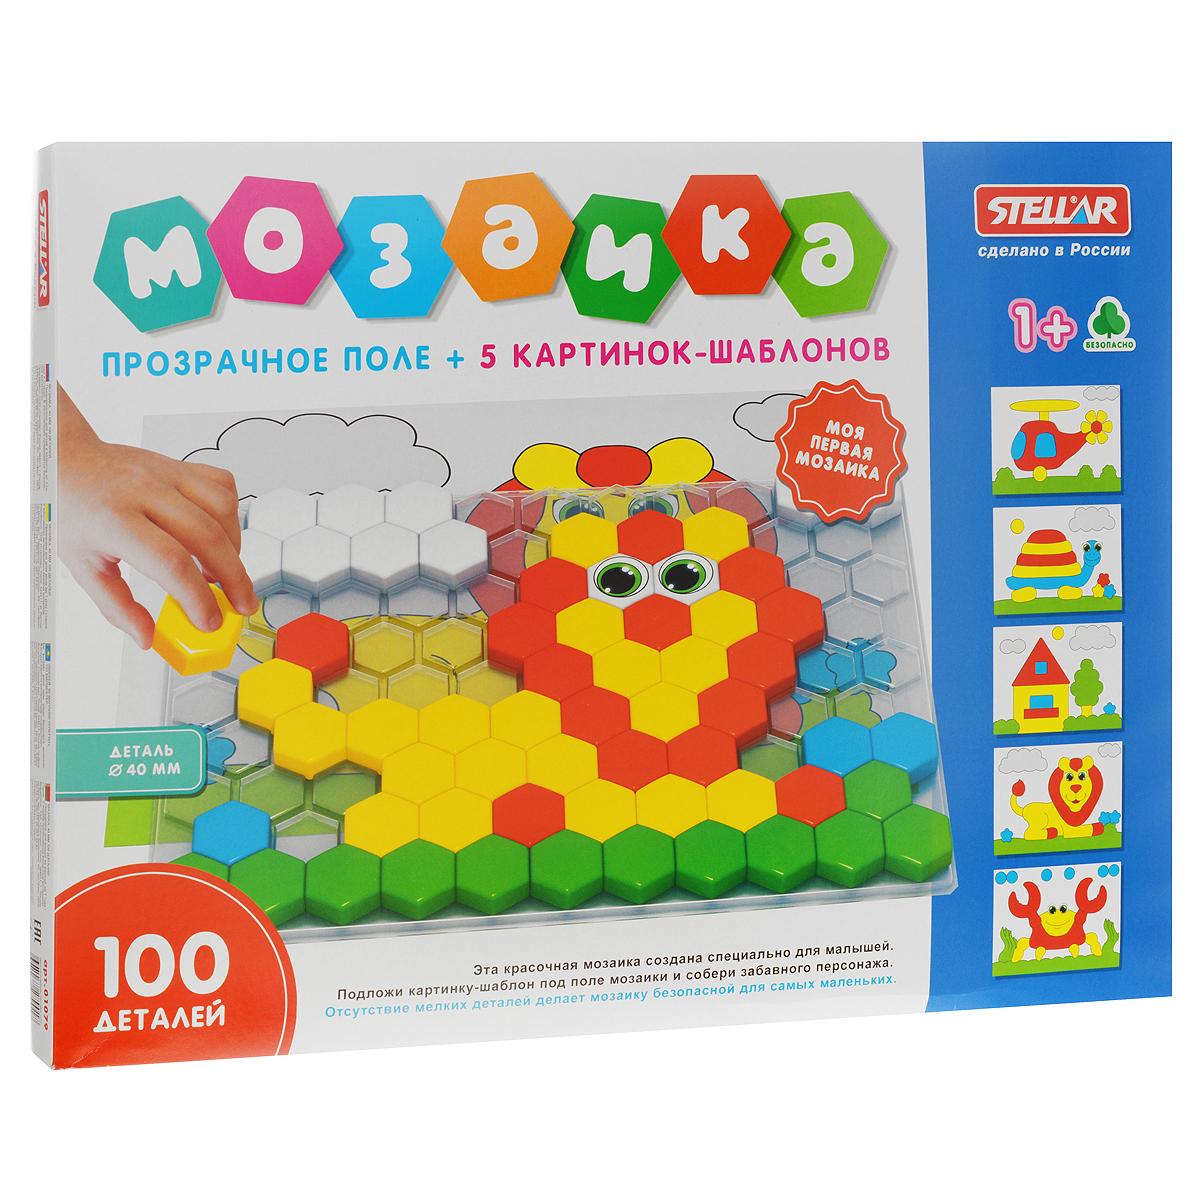 Мозаика Stellar, 100 элементов01079Мозаика для малышей Stellar - это яркая и увлекательная развивающая игра. Мозаика включает в себя прозрачное игровое поле, 5 картинок-шаблонов и 100 крупных разноцветных элементов, при помощи которых ребенок сможет создавать объемные цветные картинки. Элементы мозаики выполнены из полипропилена. Эта красочная мозаика создана специально для малышей. Достаточно подложить картинку-шаблон под поле мозаики - и ребенок легко соберет то, что на ней изображено. Игры с мозаикой способствуют развитию у малышей мелкой моторики рук, координации движений, внимательности, логического и абстрактного мышления, ориентировку на плоскости, а также воображения и творческих способностей.